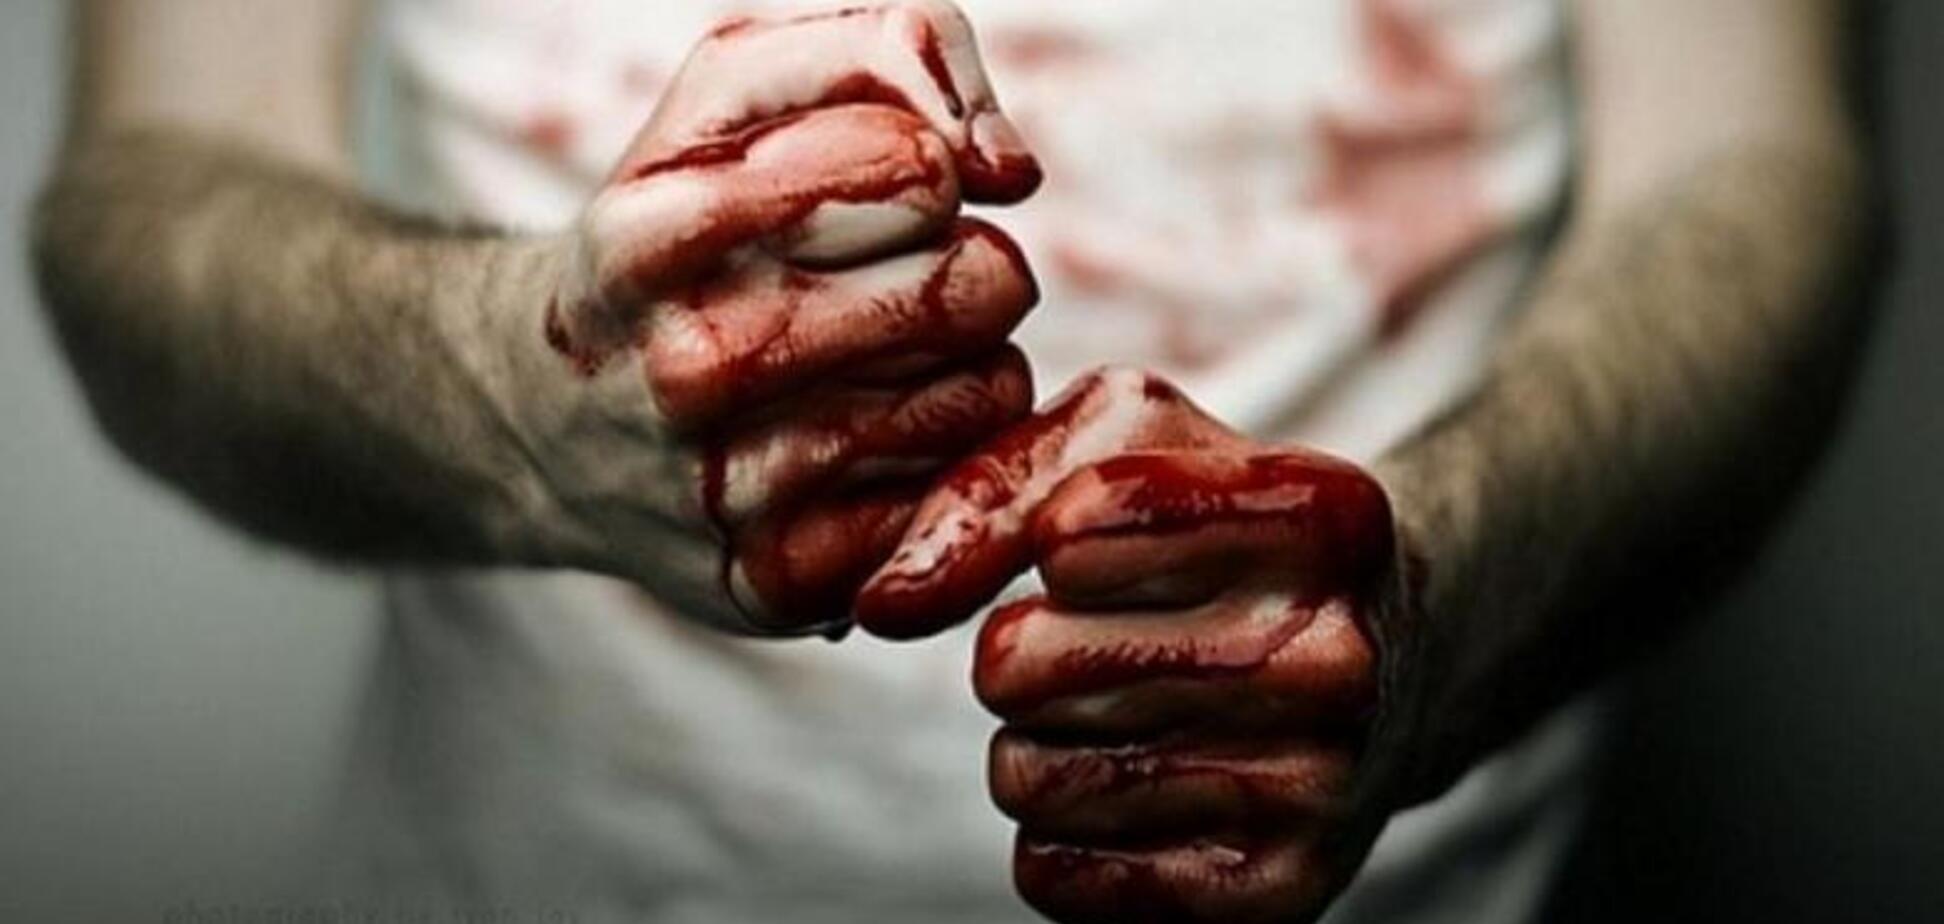 За еду: в Кривом Роге мужчины зверски забили друзей до смерти